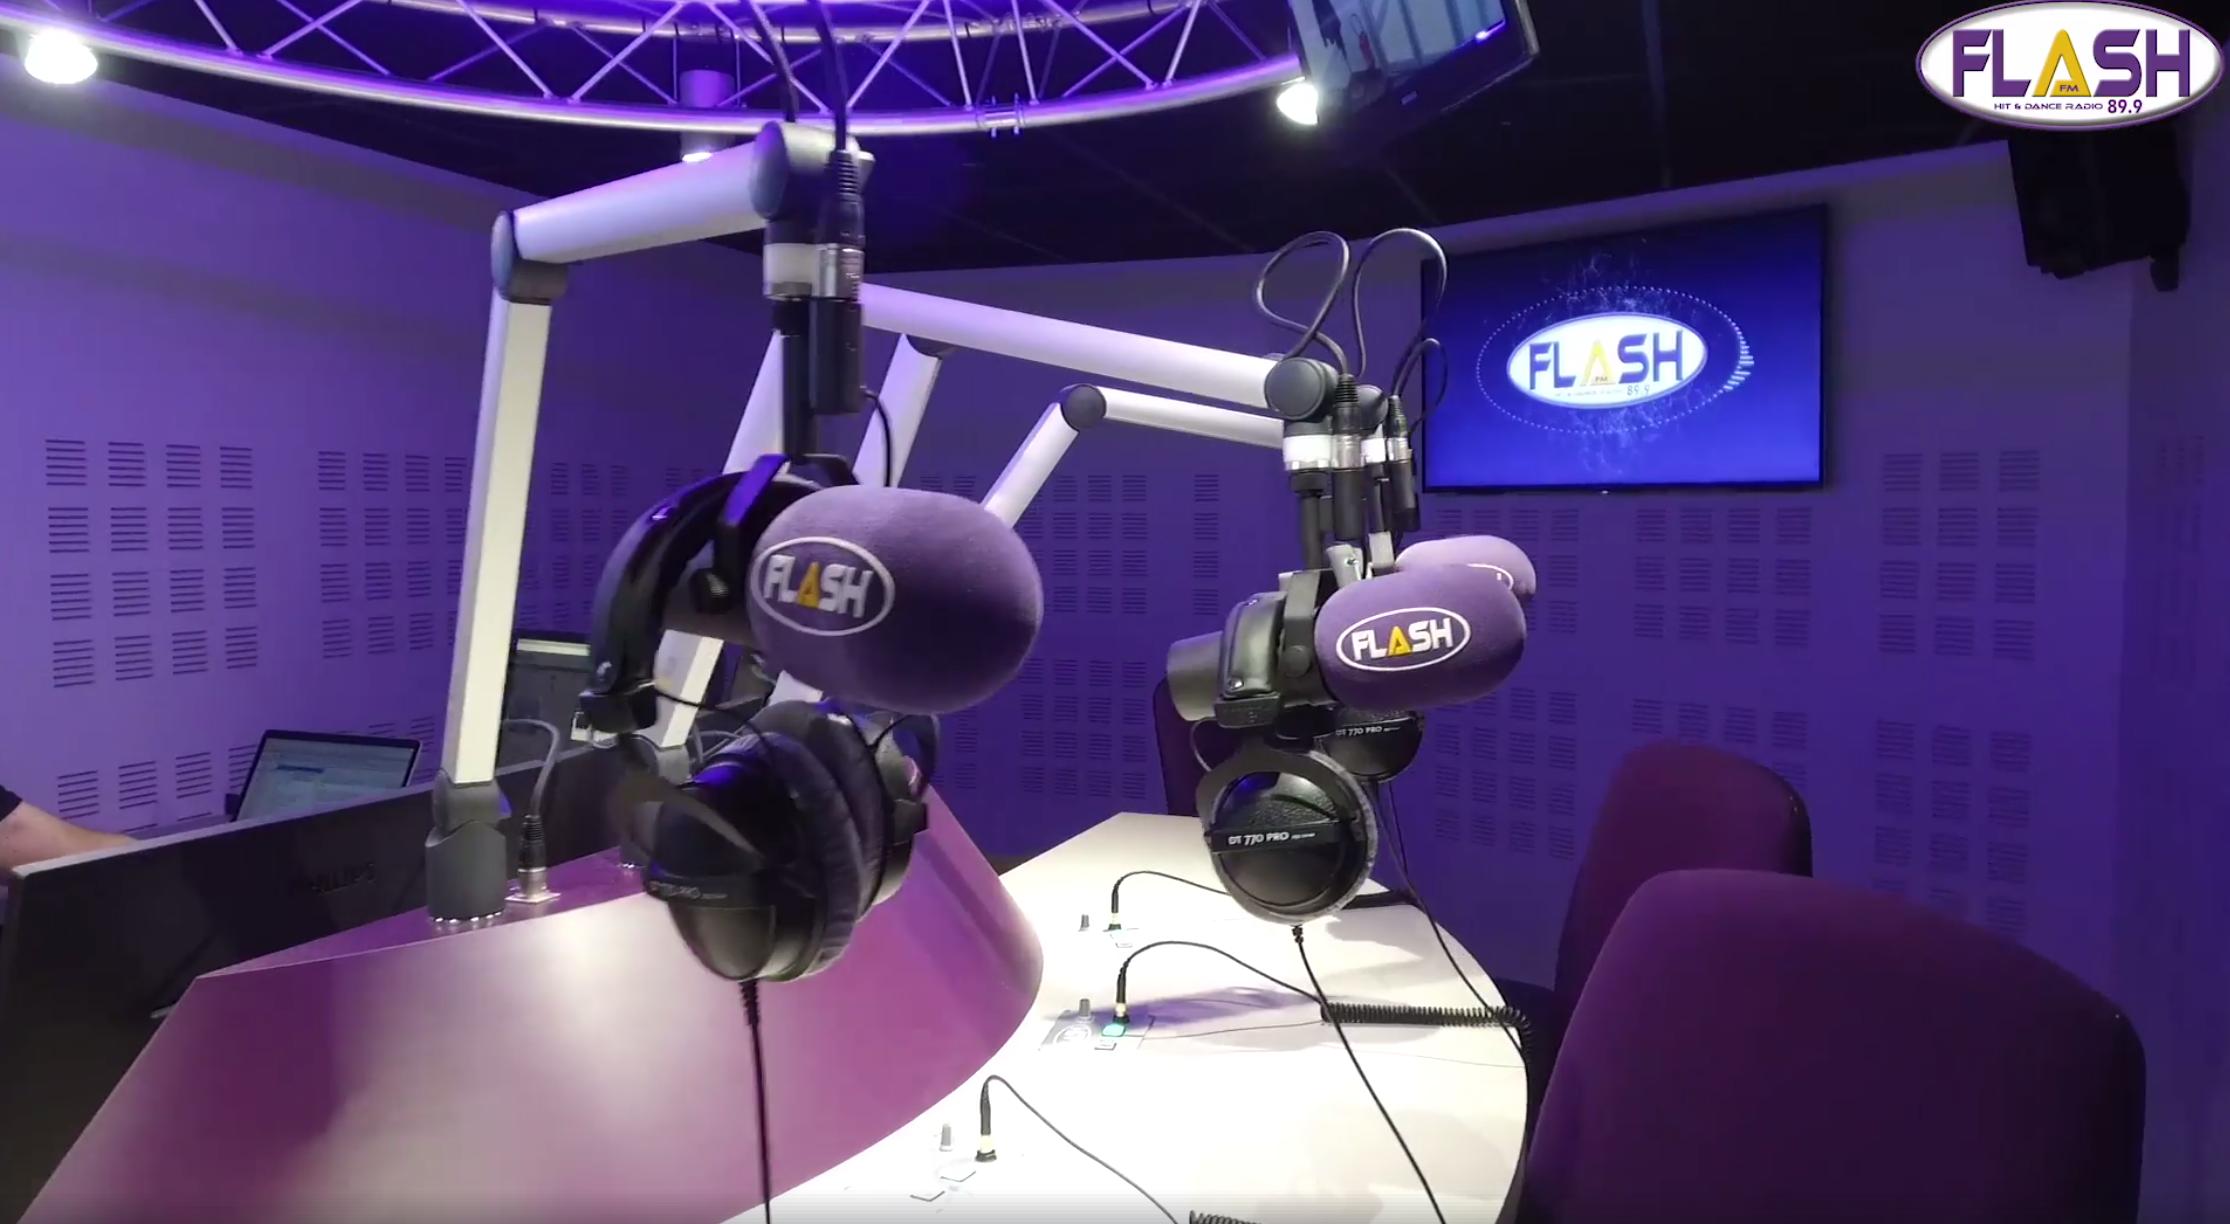 Flash FM s'est installée dans ses nouveaux locaux